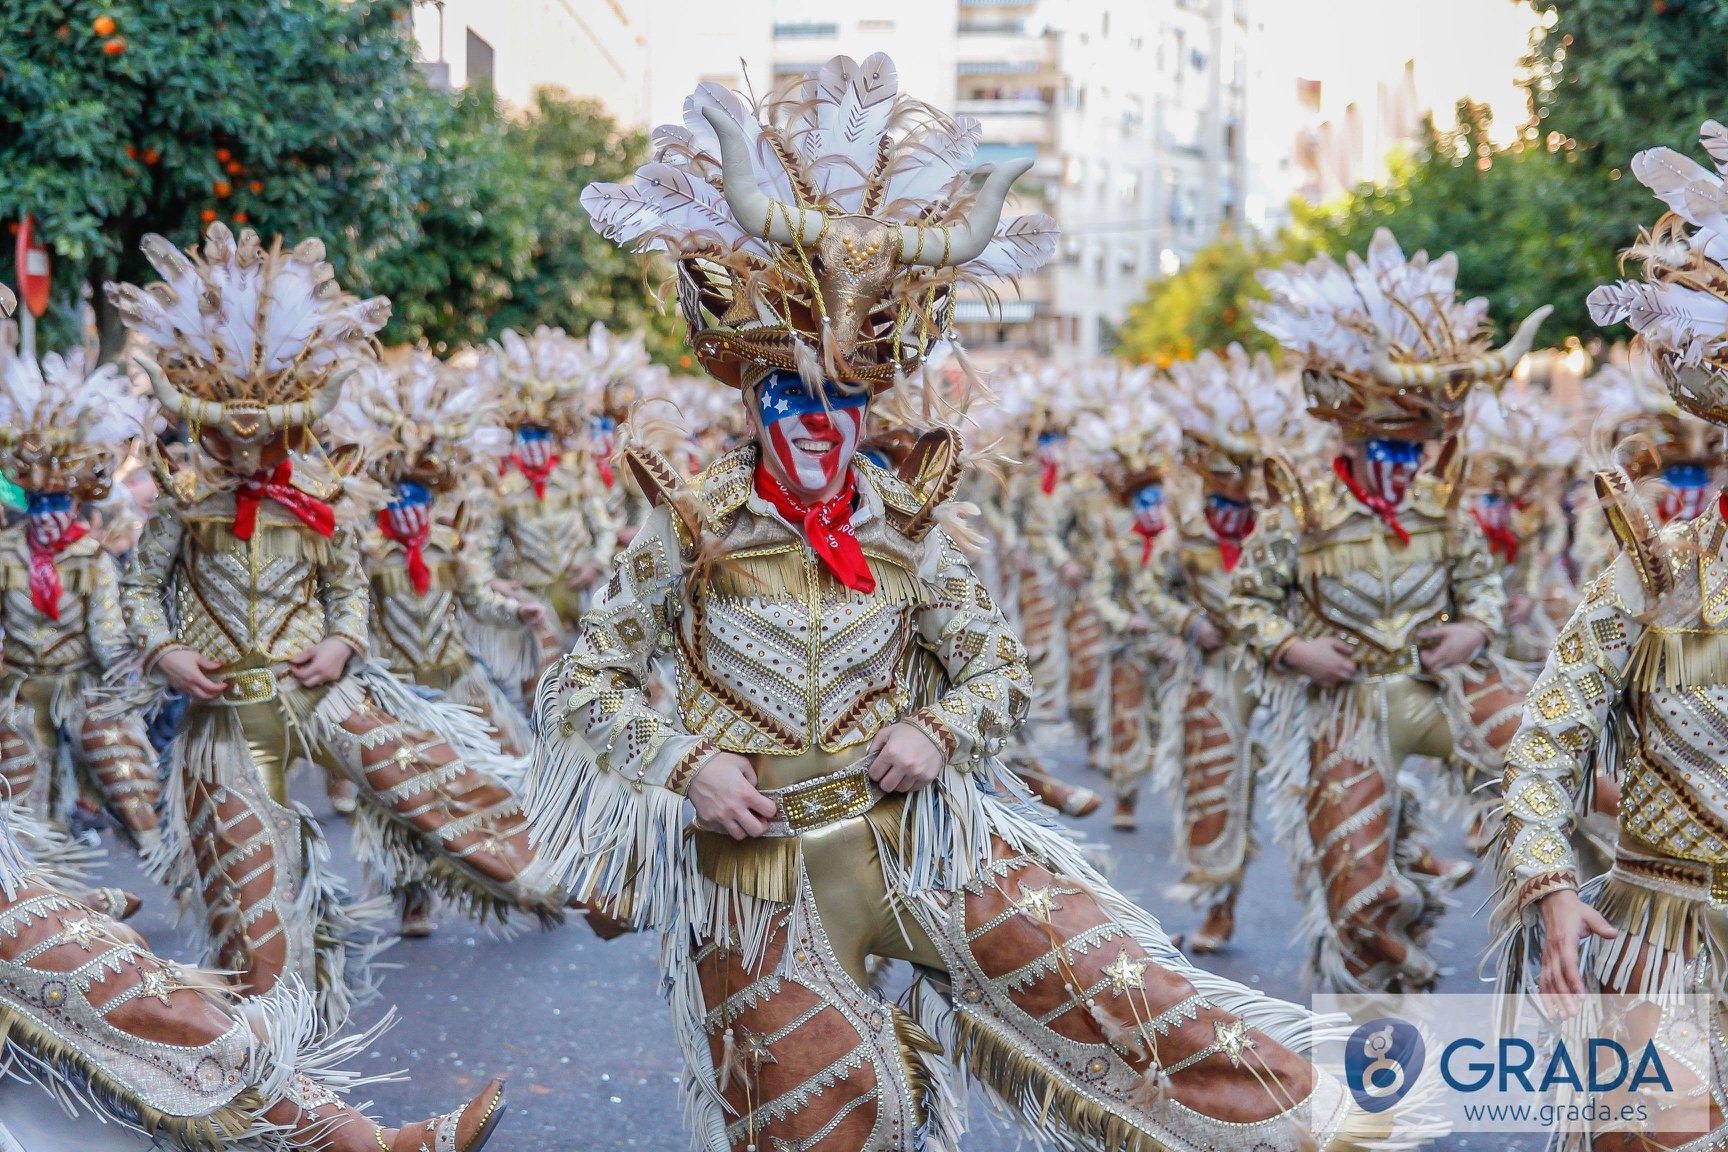 Momento del desfile de comparsas del carnaval de Badajoz 2020